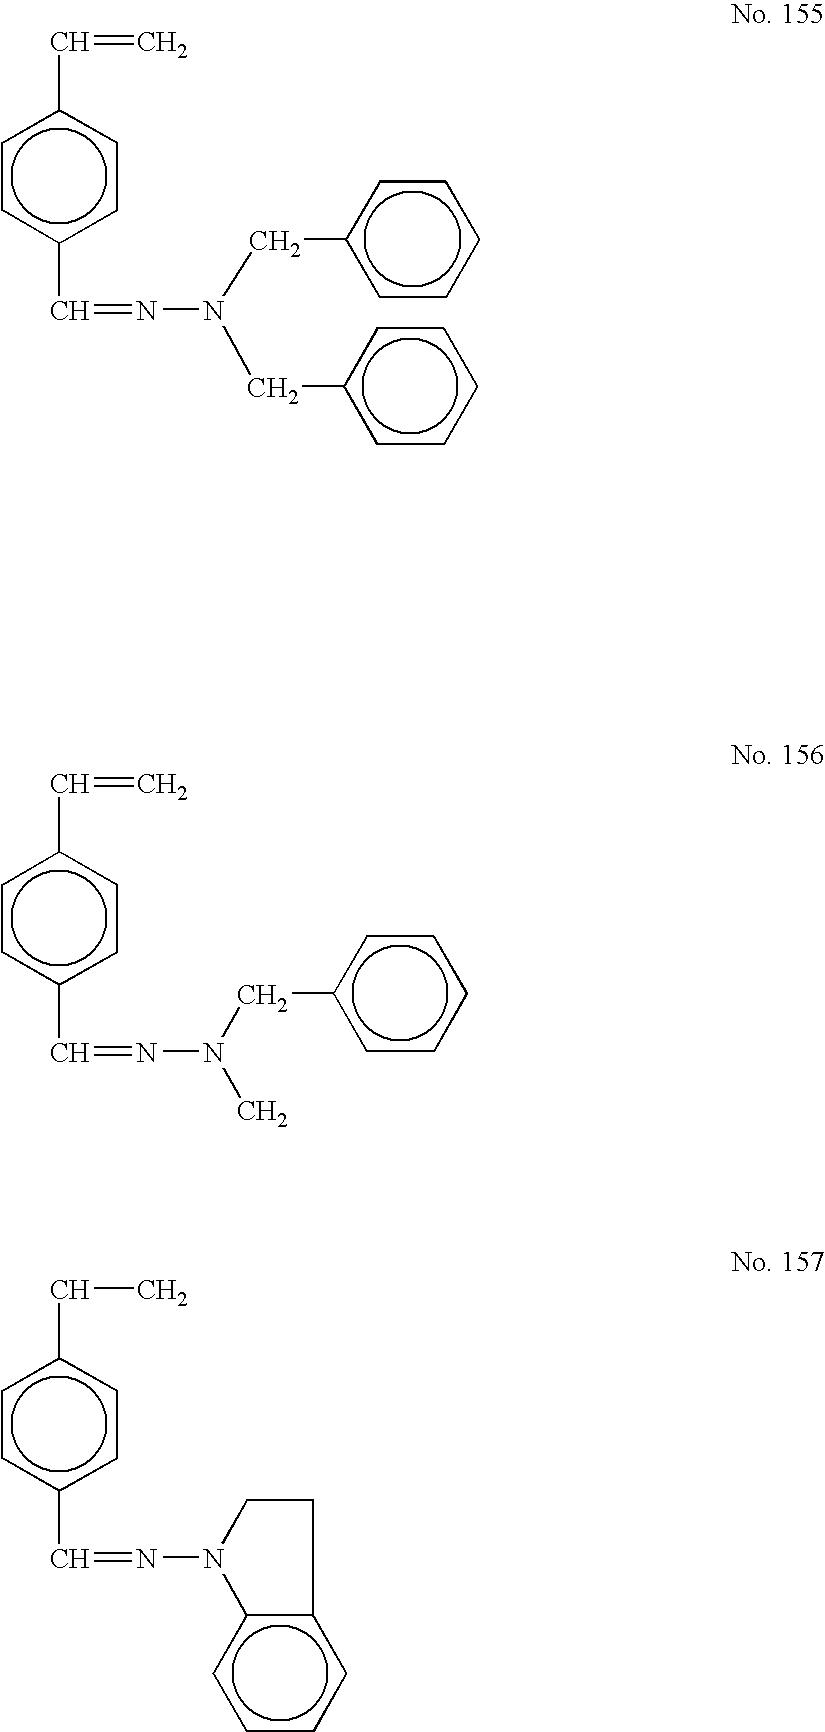 Figure US07175957-20070213-C00065